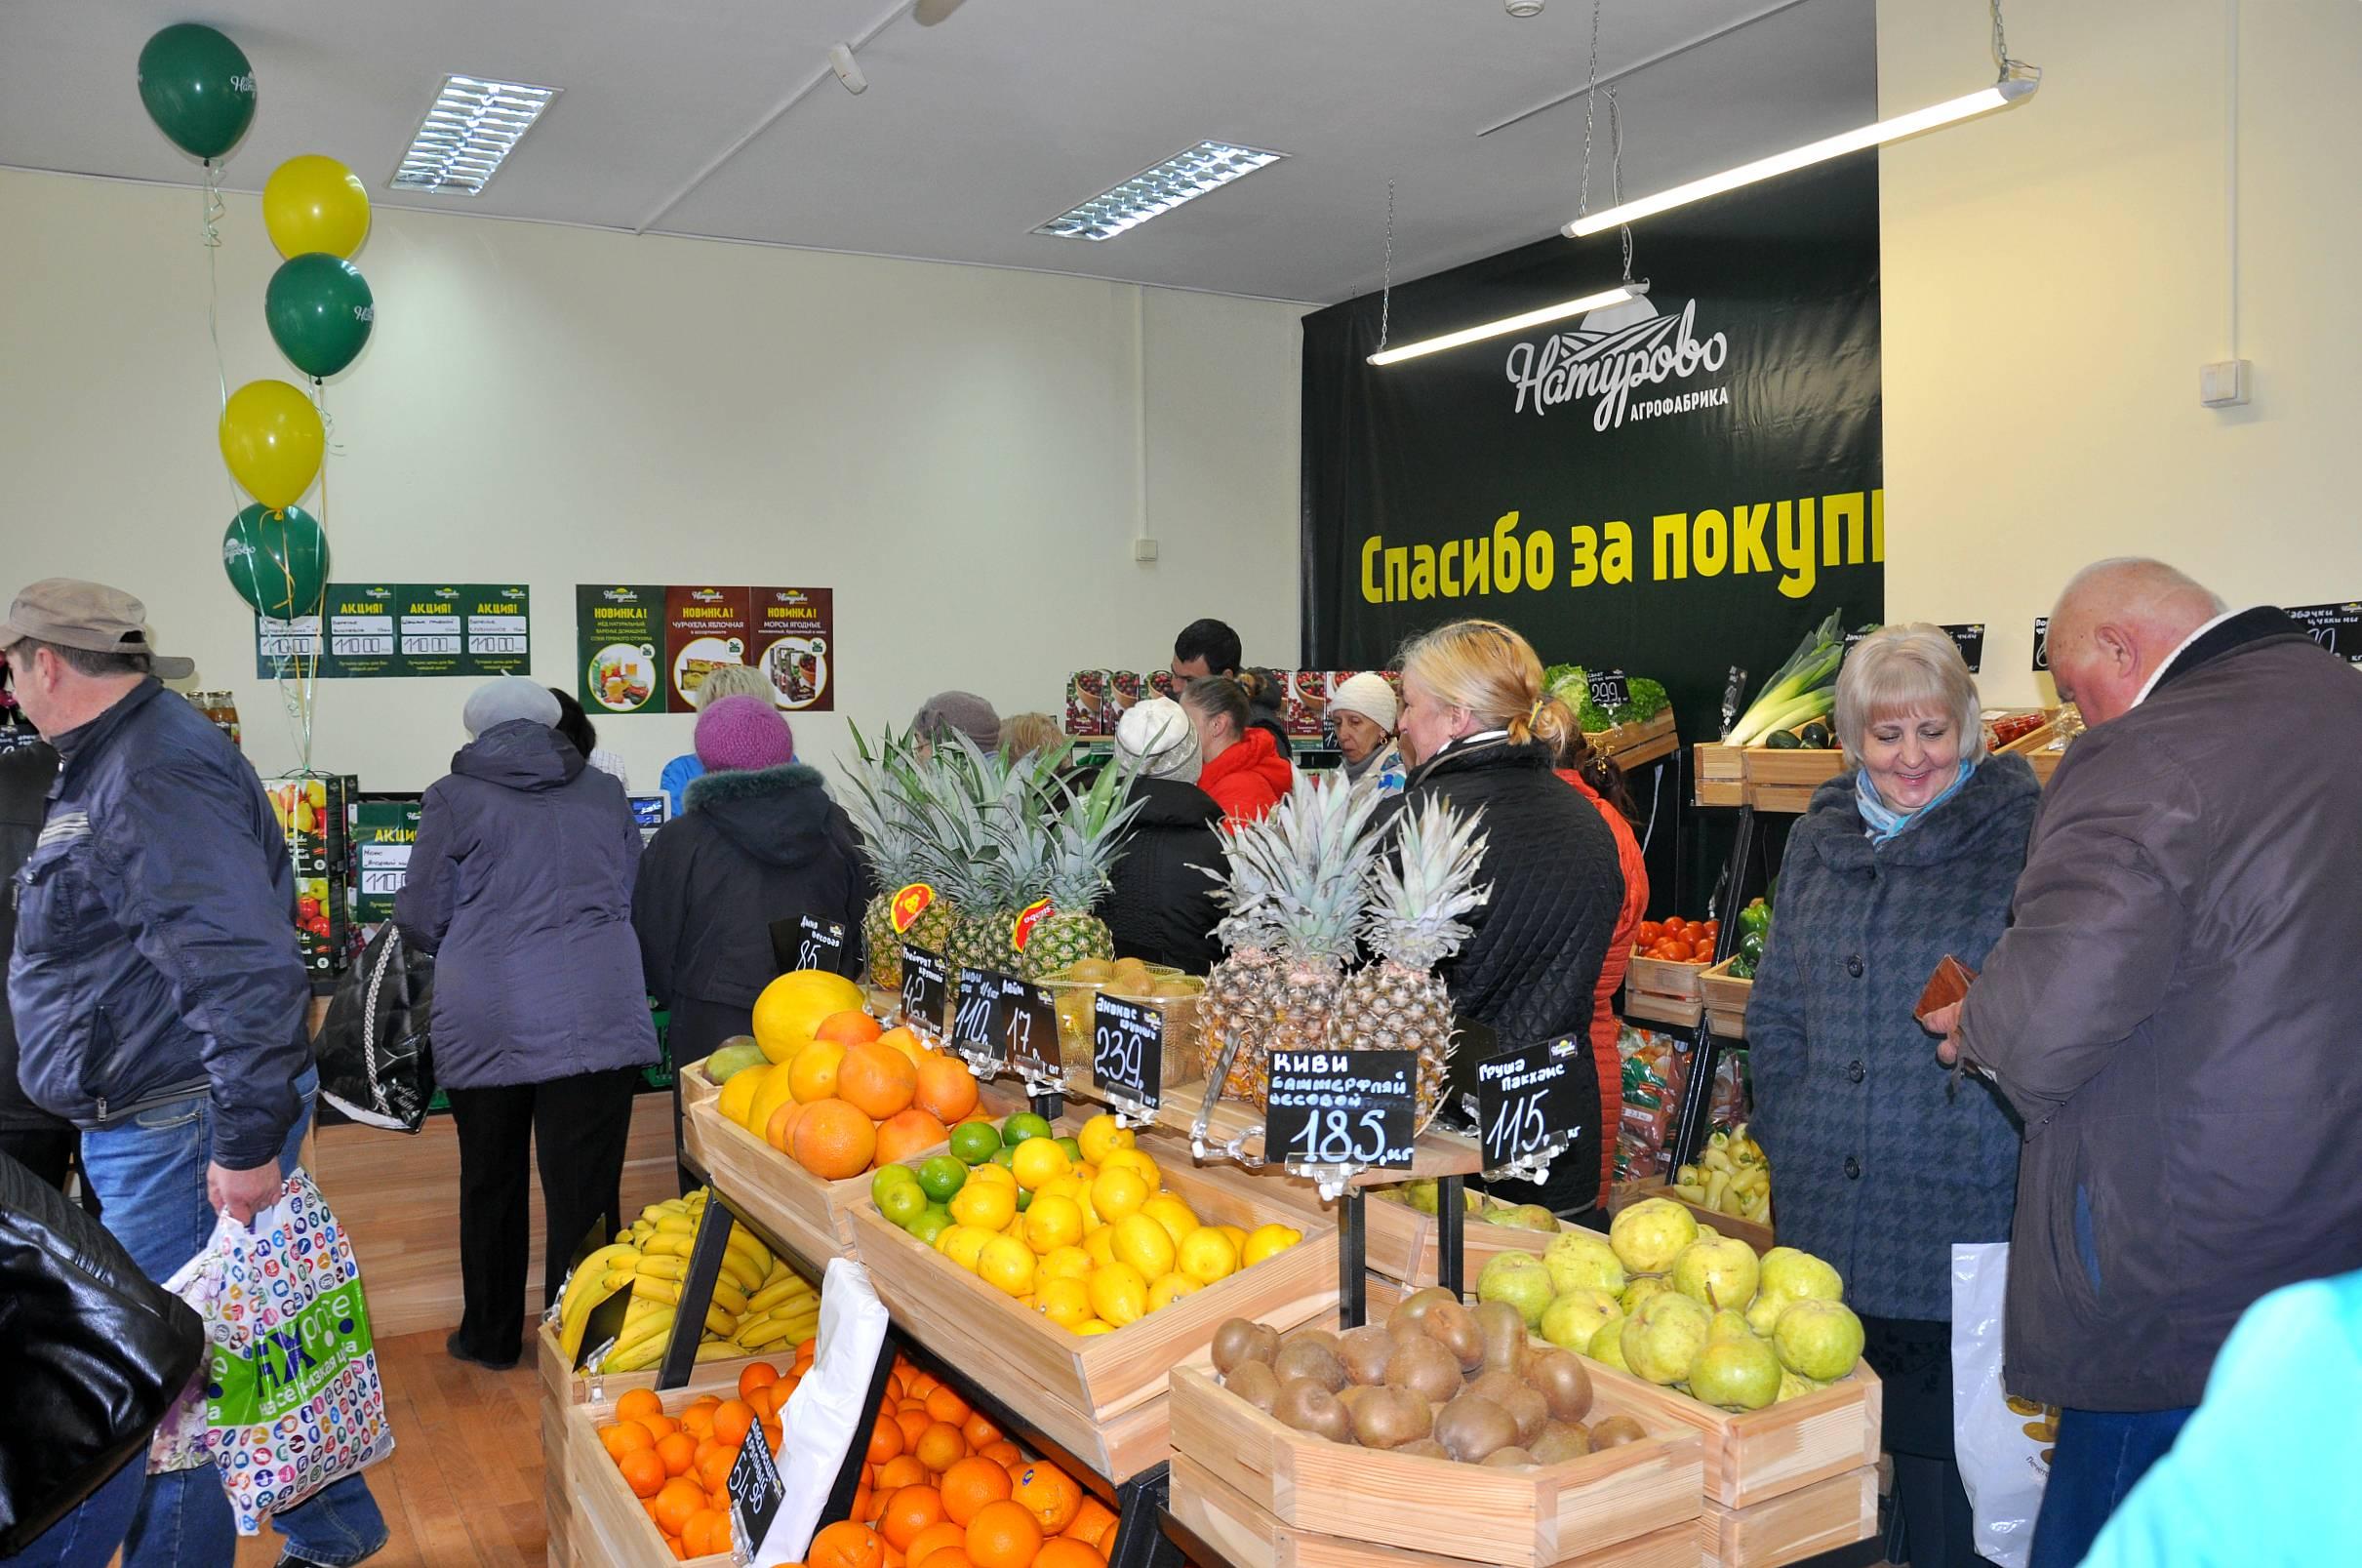 https://naturovo.ru/wp-content/uploads/2017/04/18.jpg